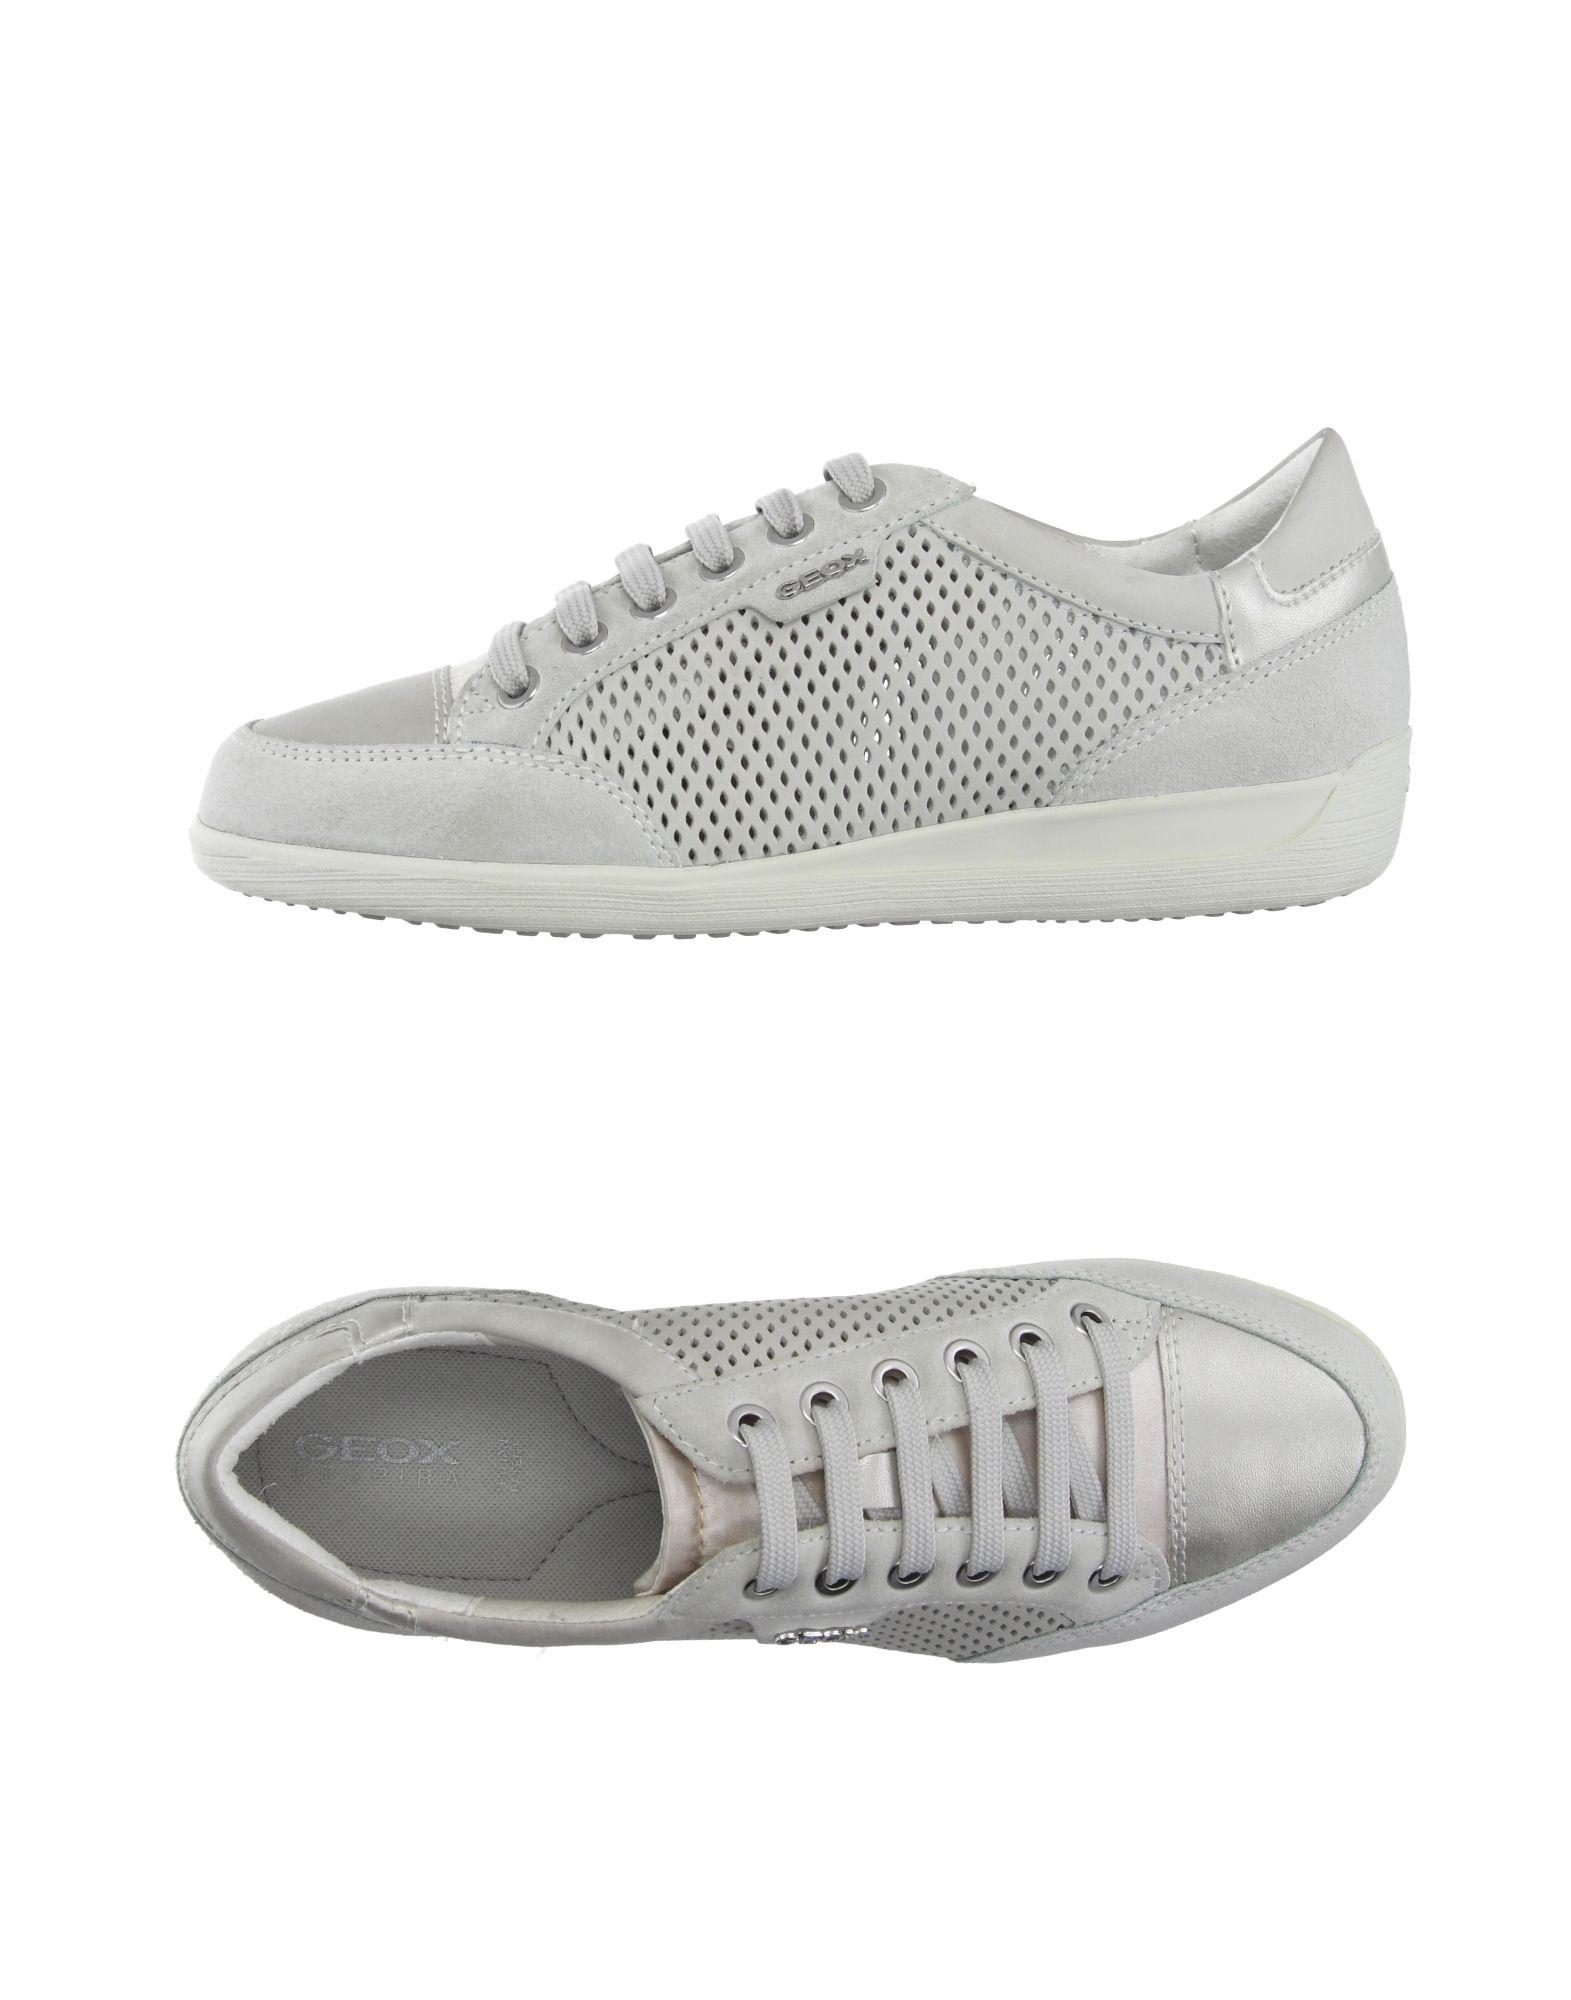 Geox Sneakers Damen  11002754HJ Gute Qualität beliebte Schuhe